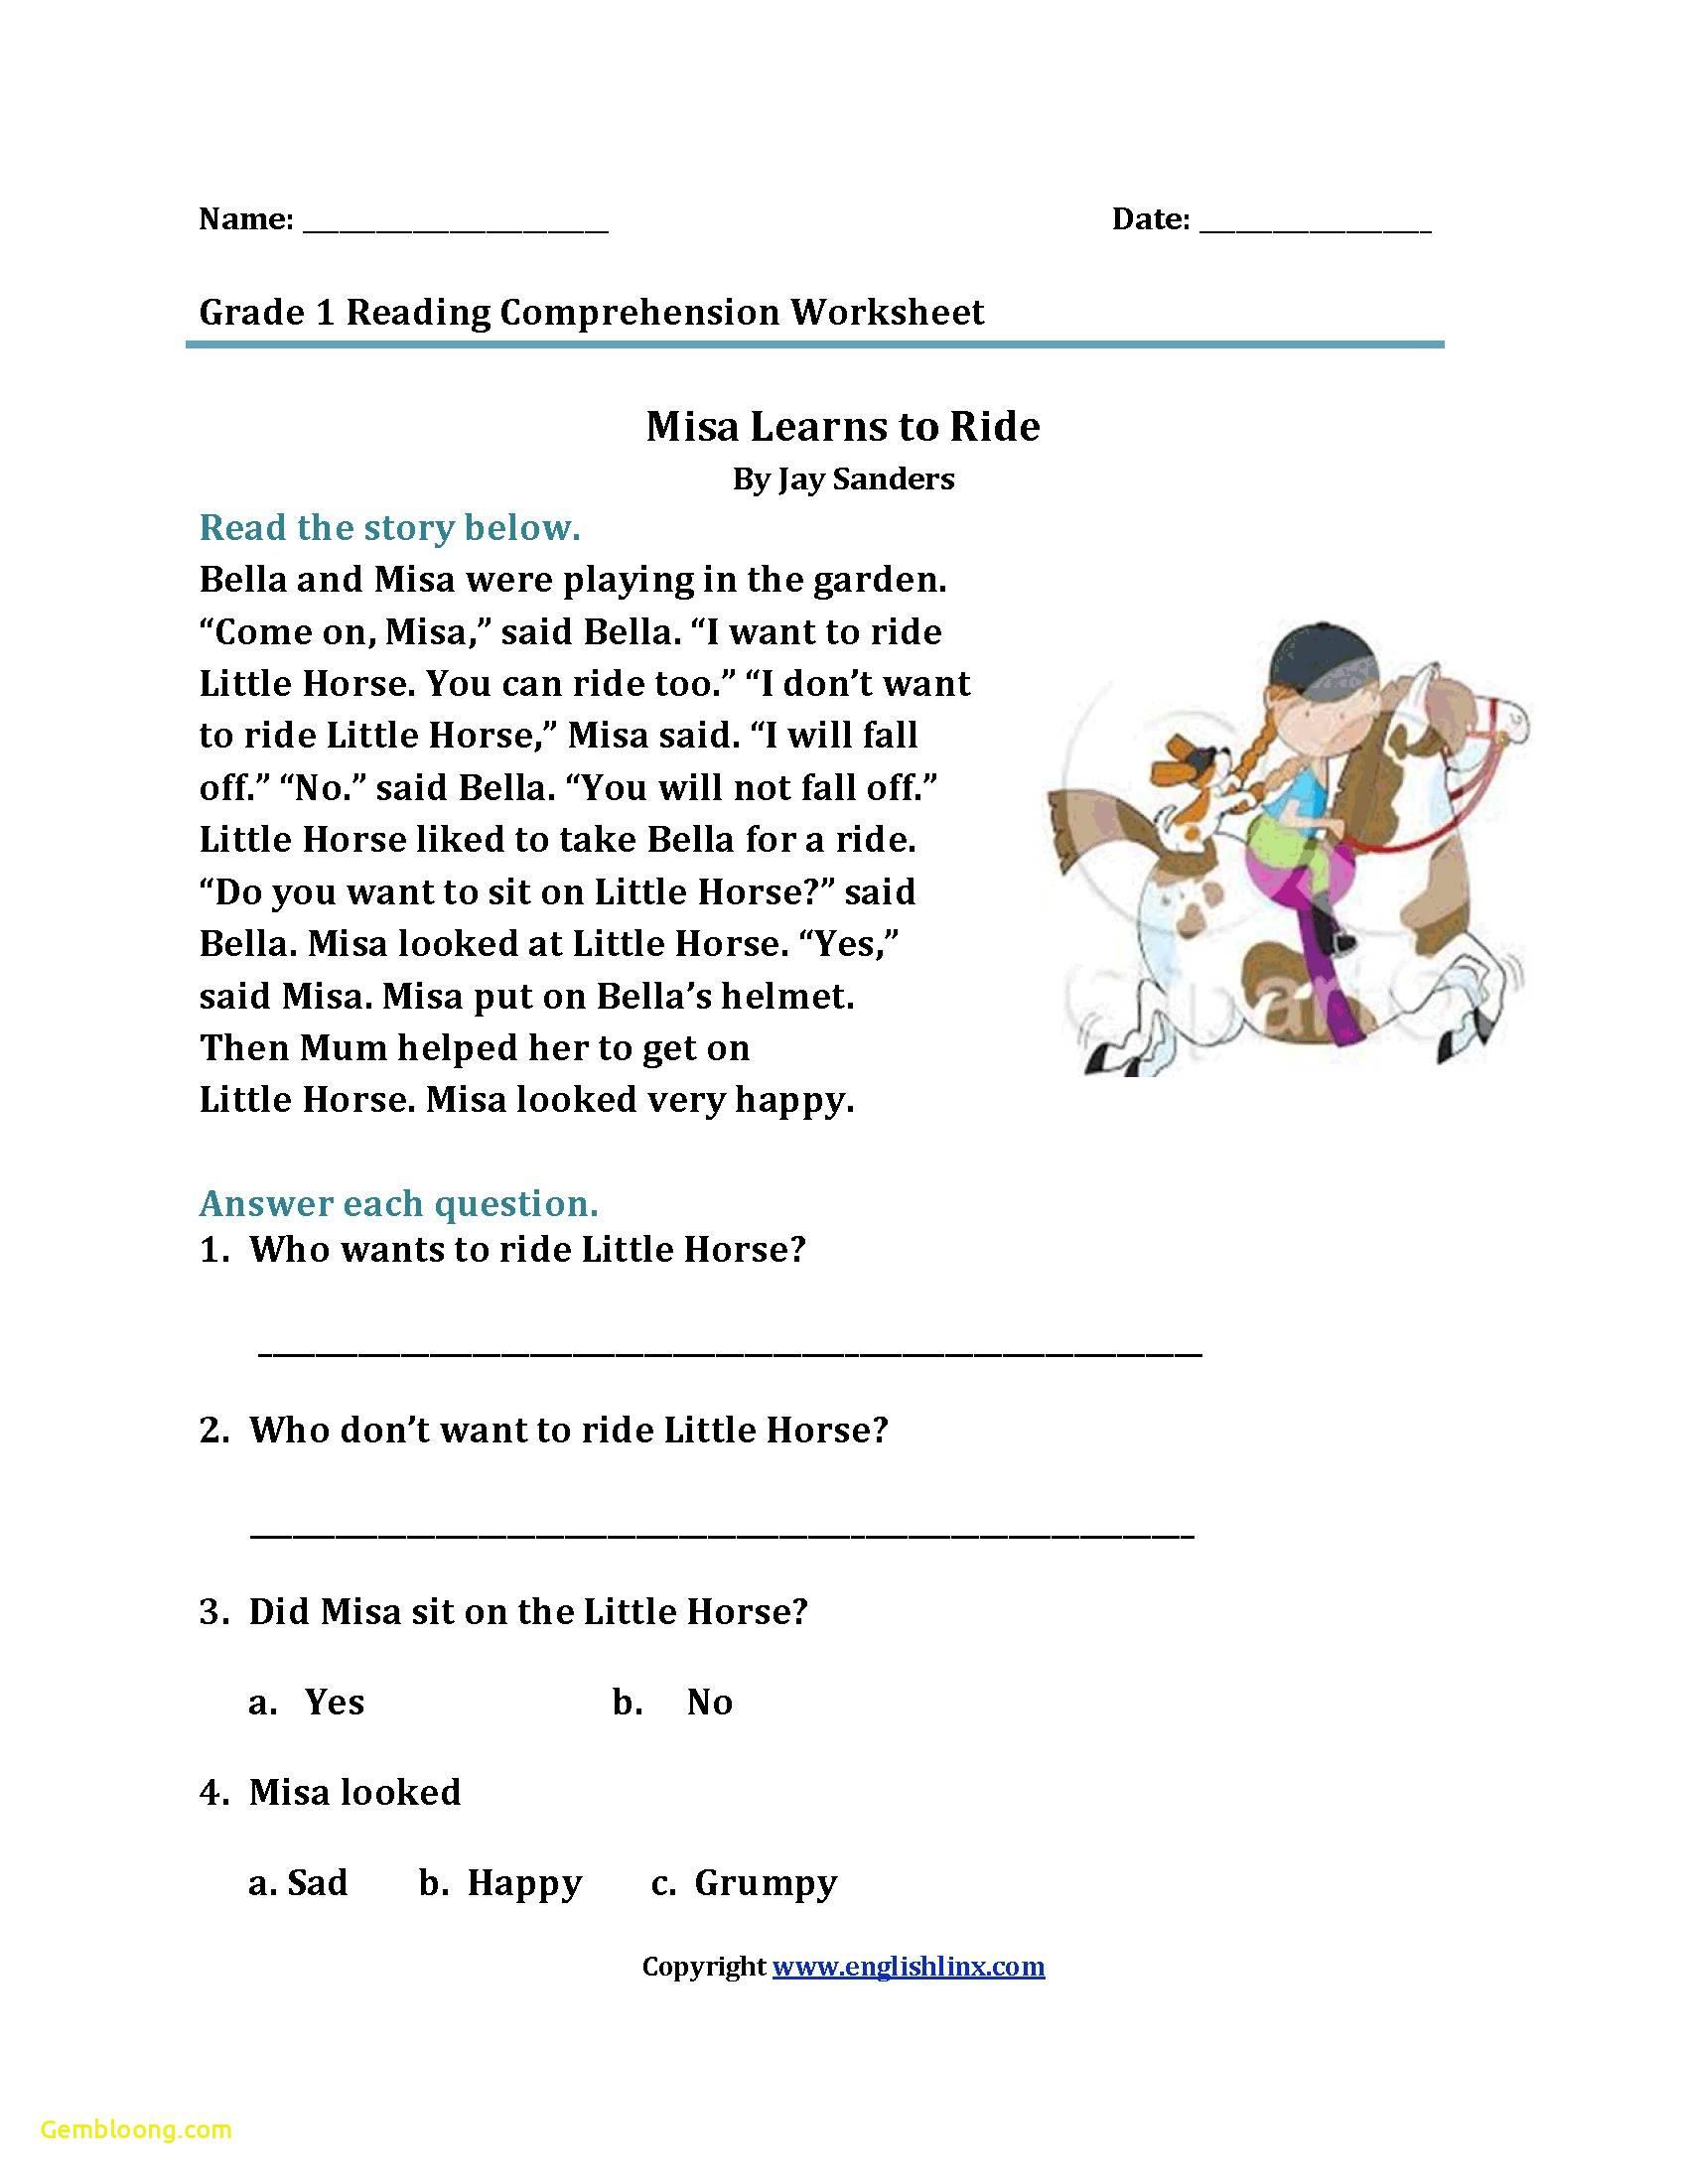 Reading Comprehension Worksheets For 1St Grade - Cramerforcongress | Free Printable Reading Comprehension Worksheets